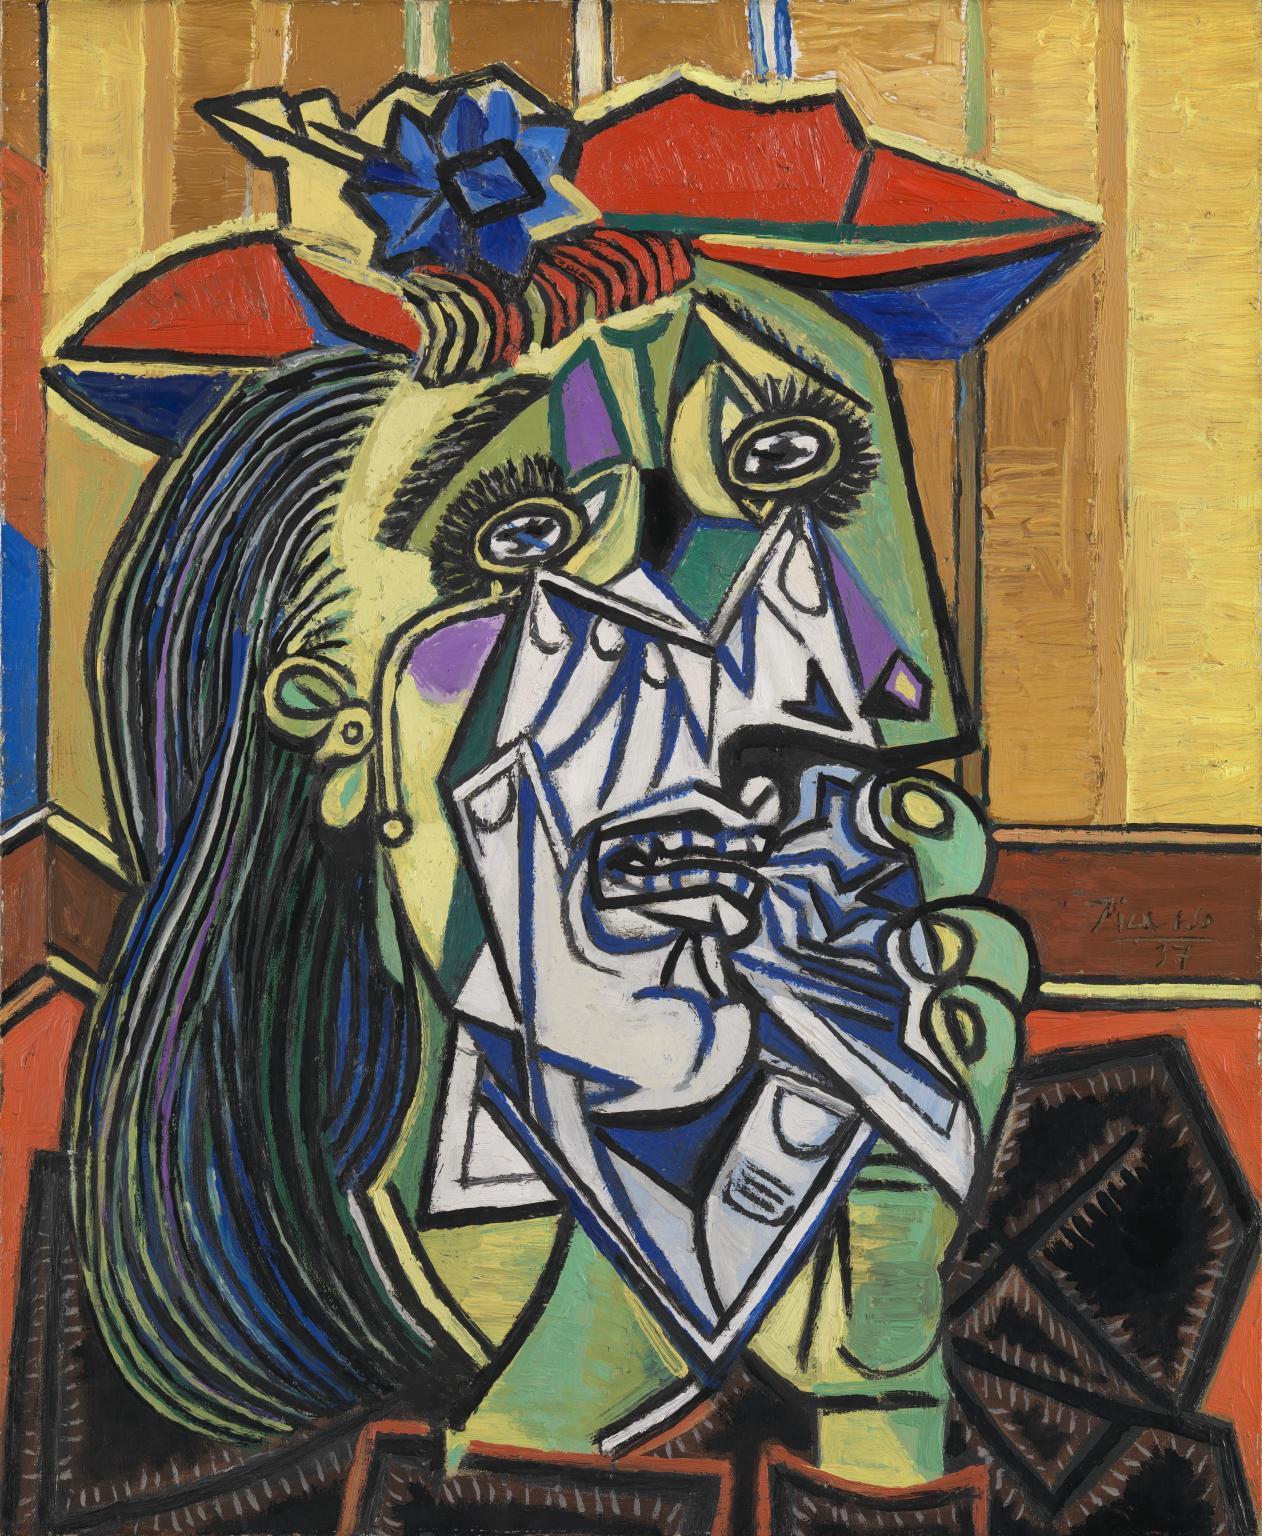 Pablo Picasso (1881-1973) - Femme en pleurs (Weeping Woman), 1937